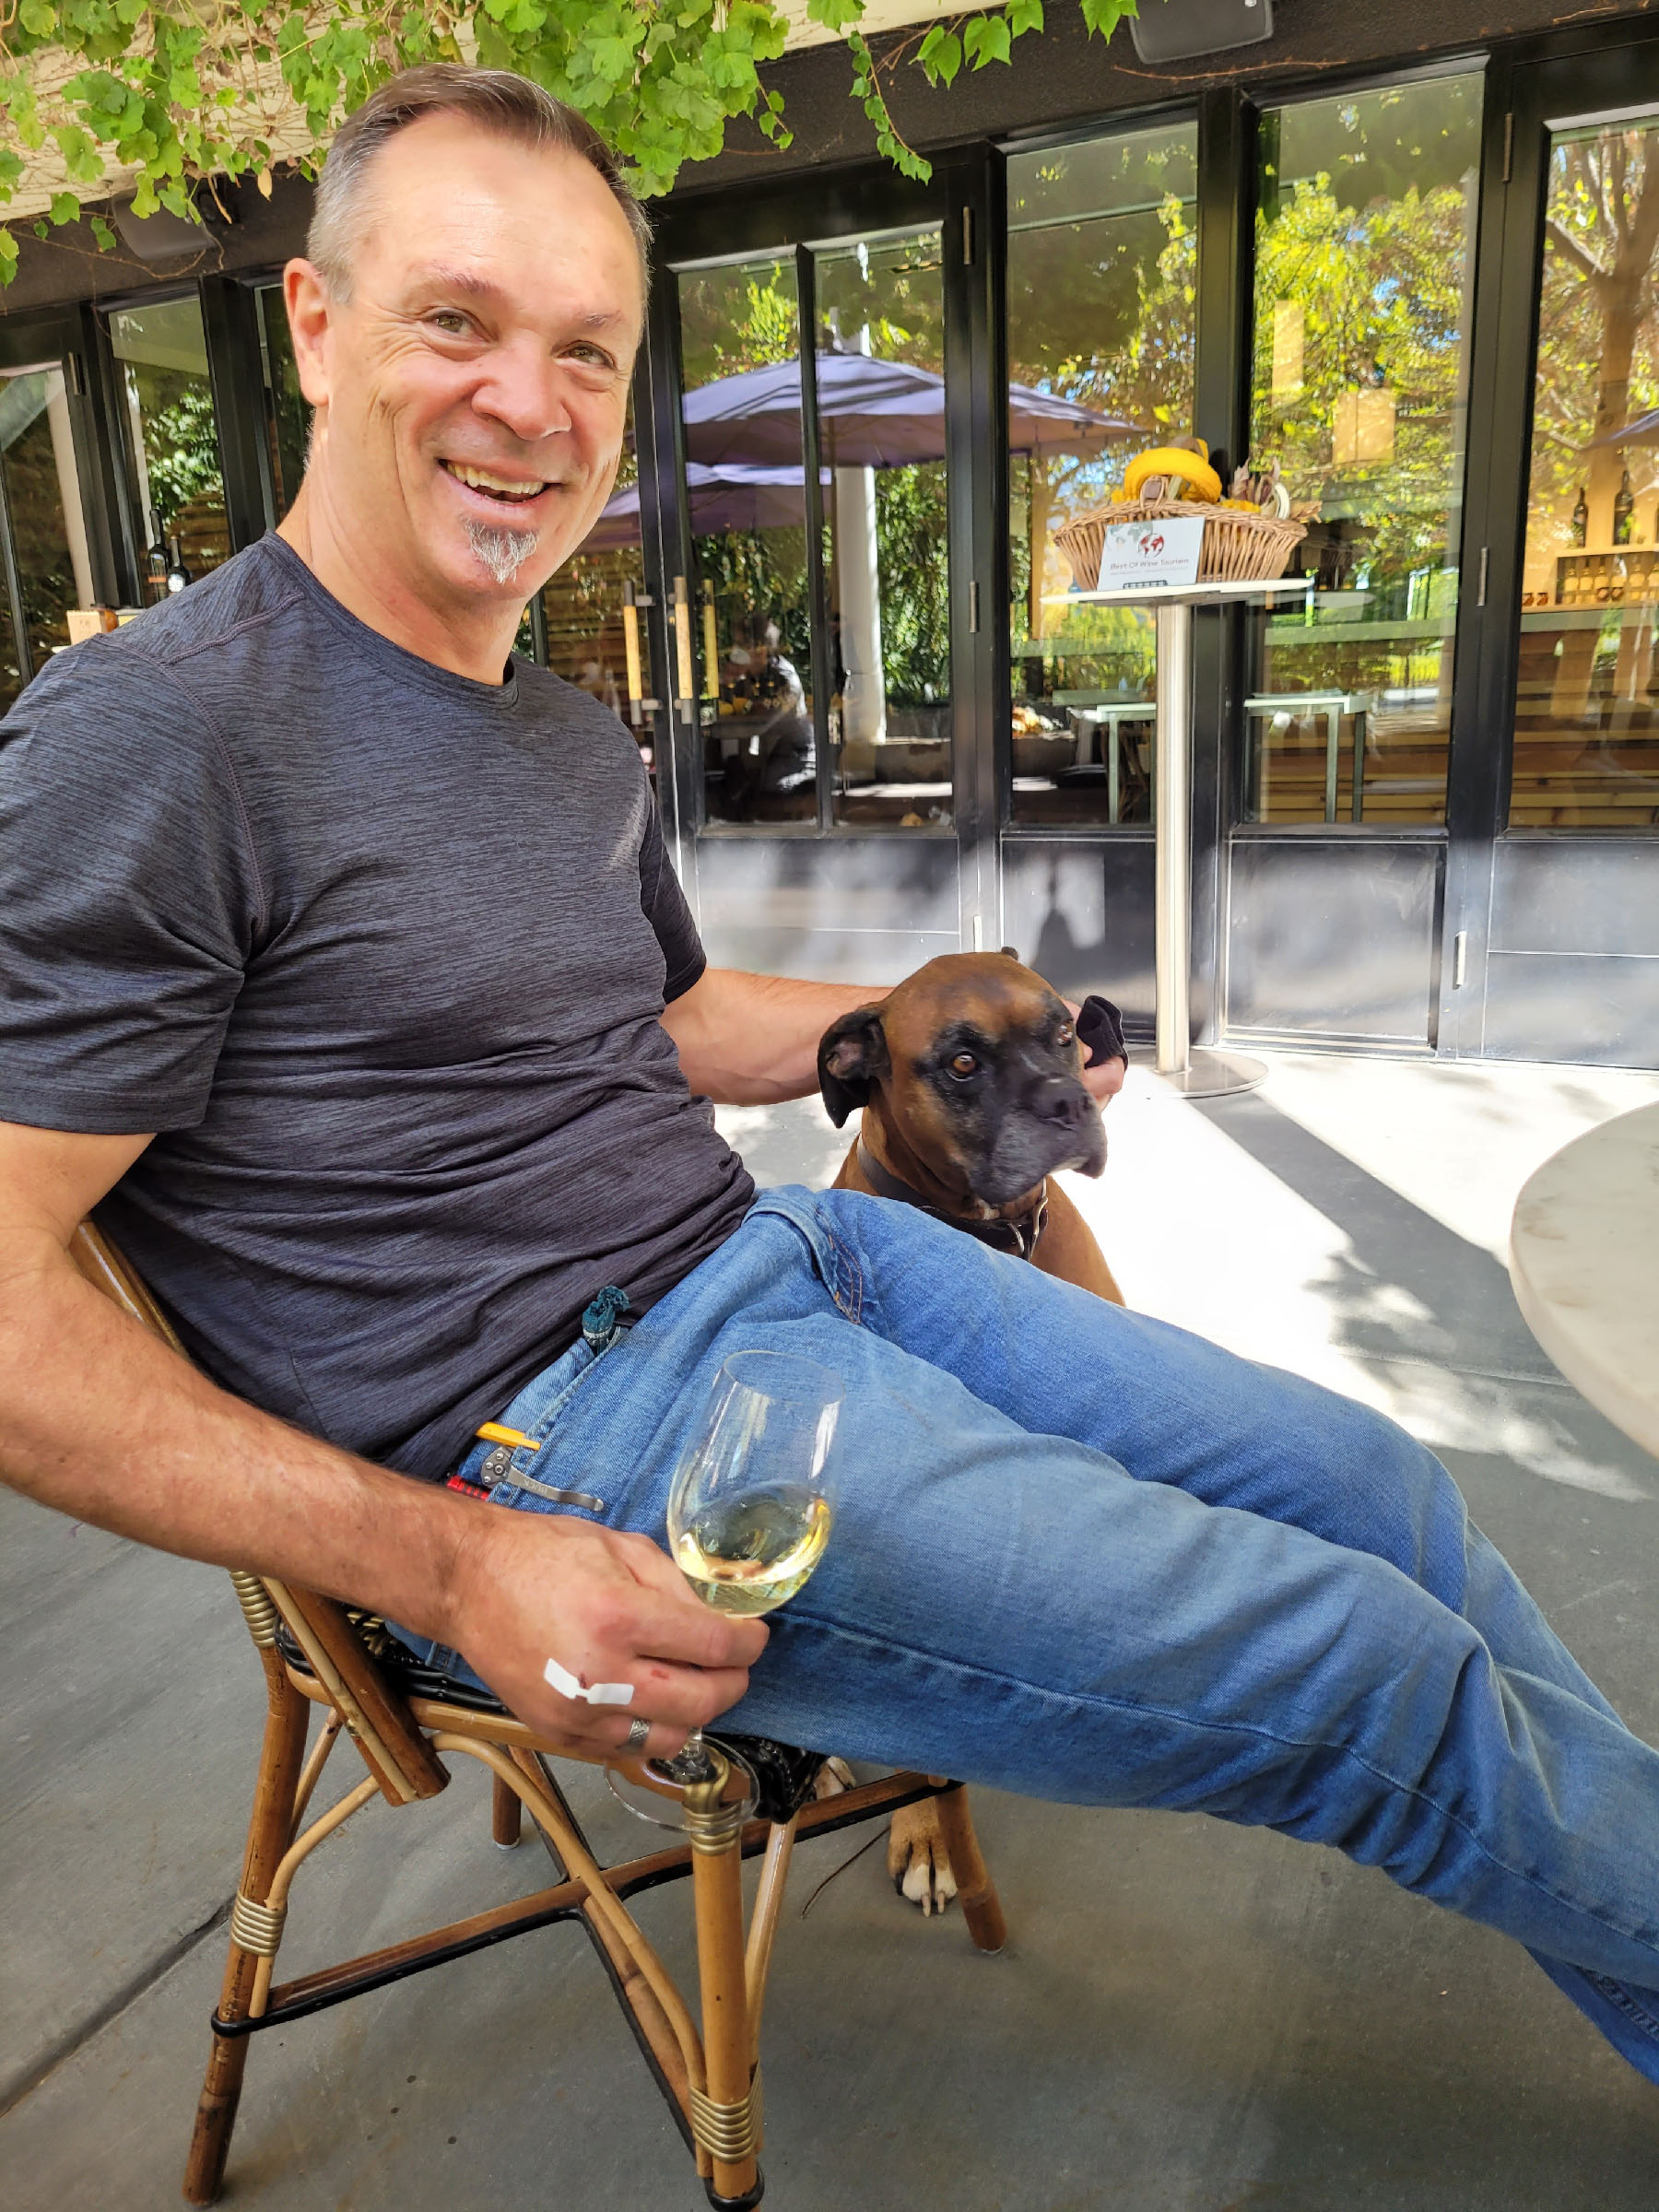 Winemaker Michael Scholz